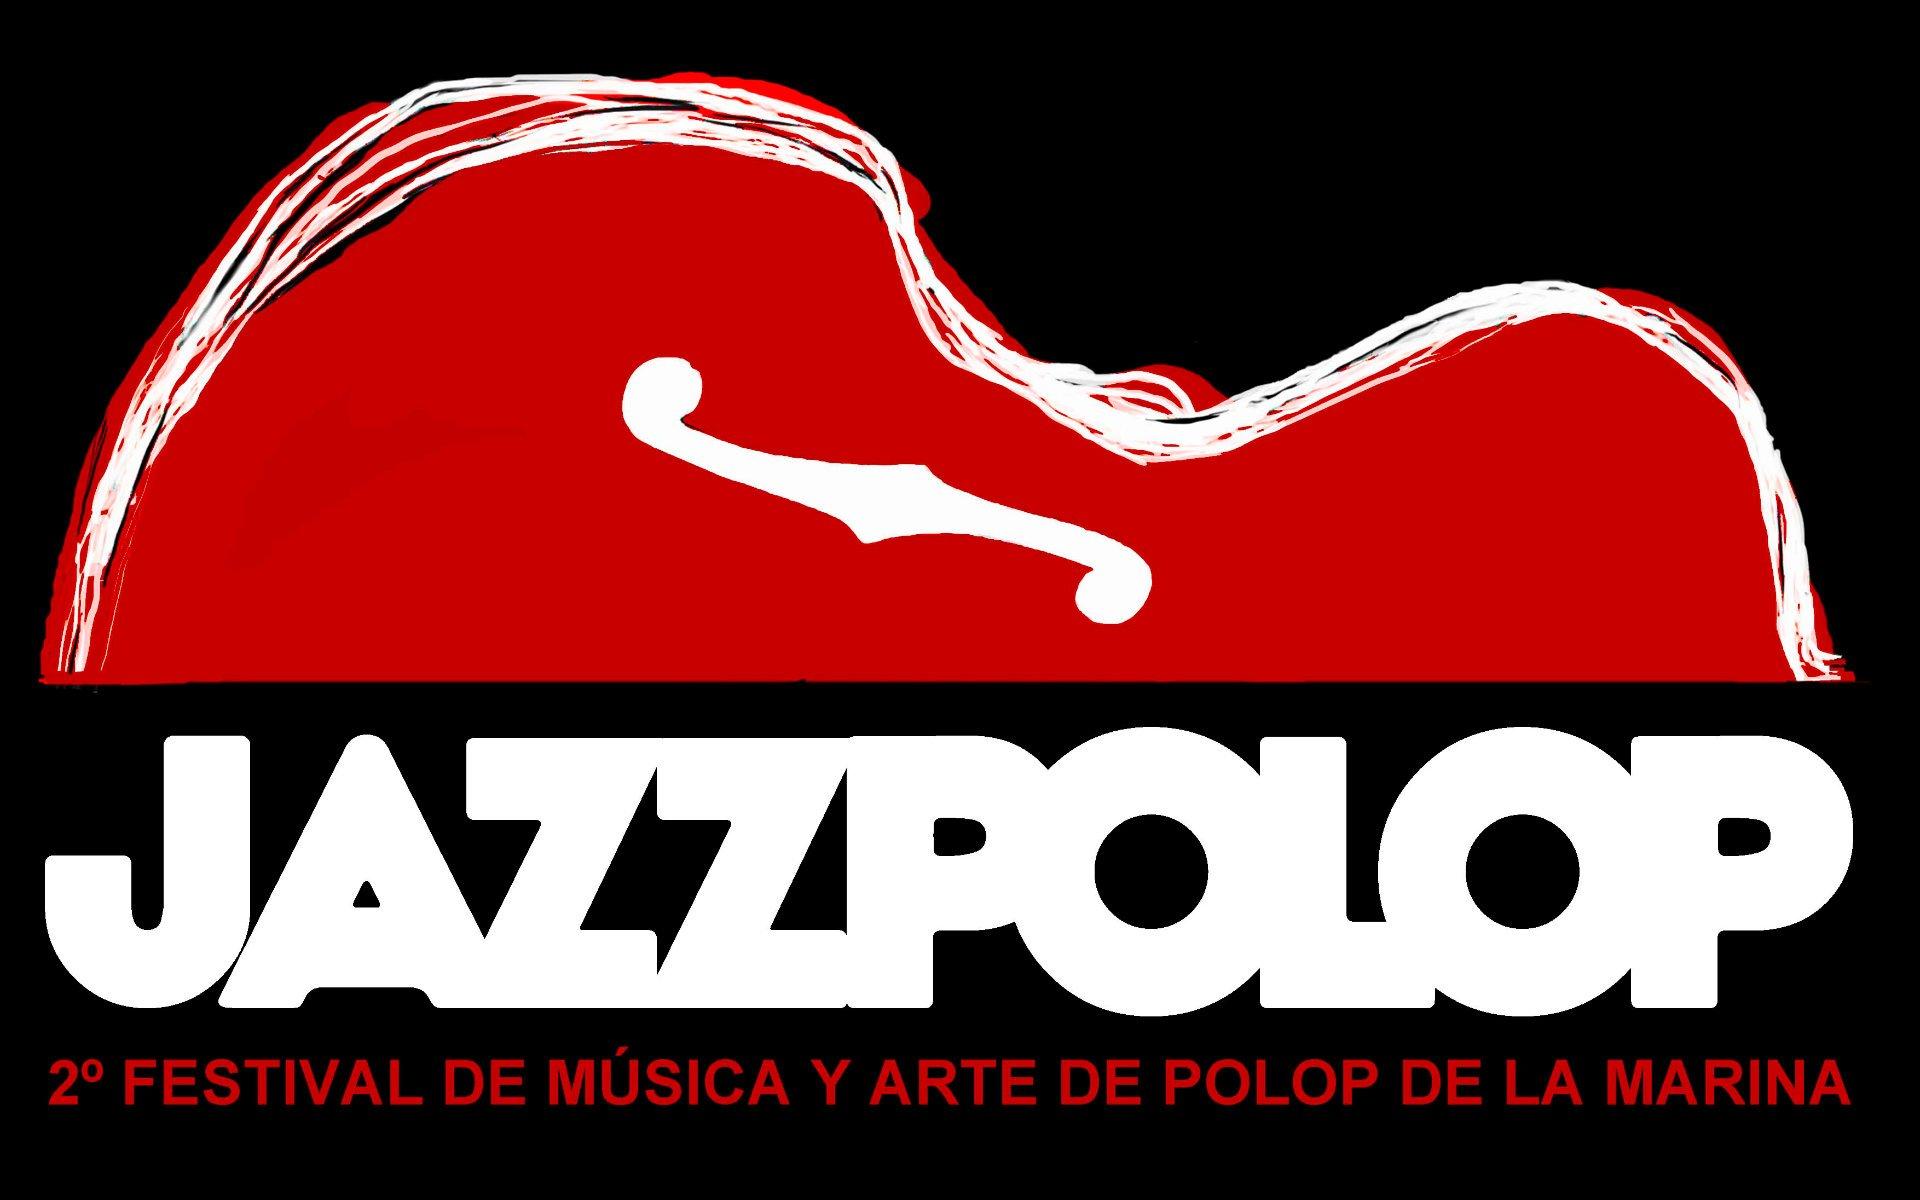 Jazz Polop 2011